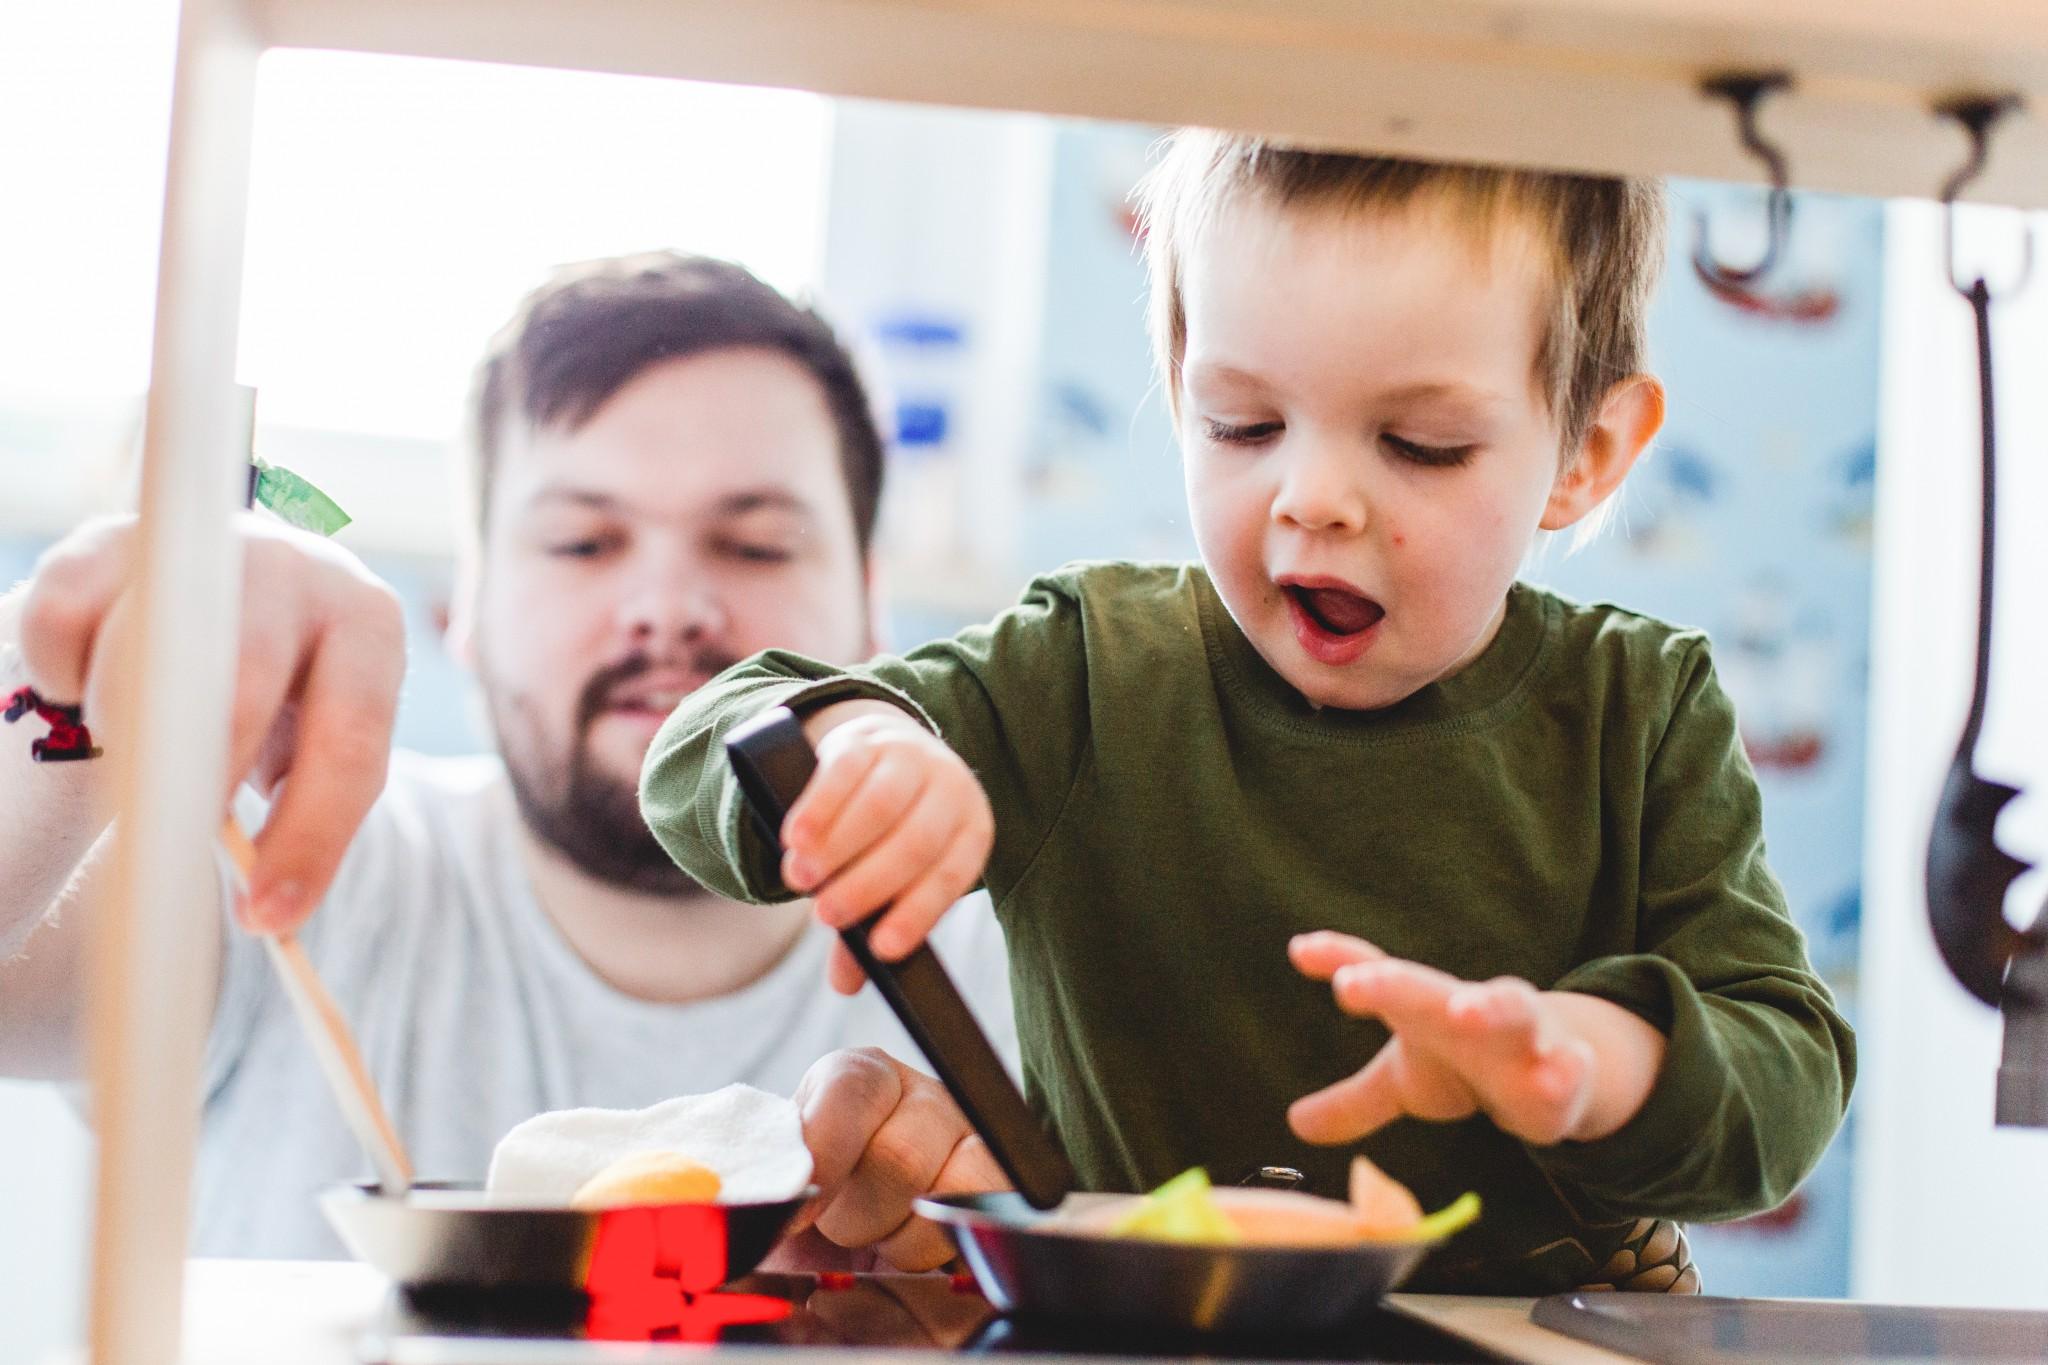 Foto eines Kindes beim Kochen an seiner Kinderküche.